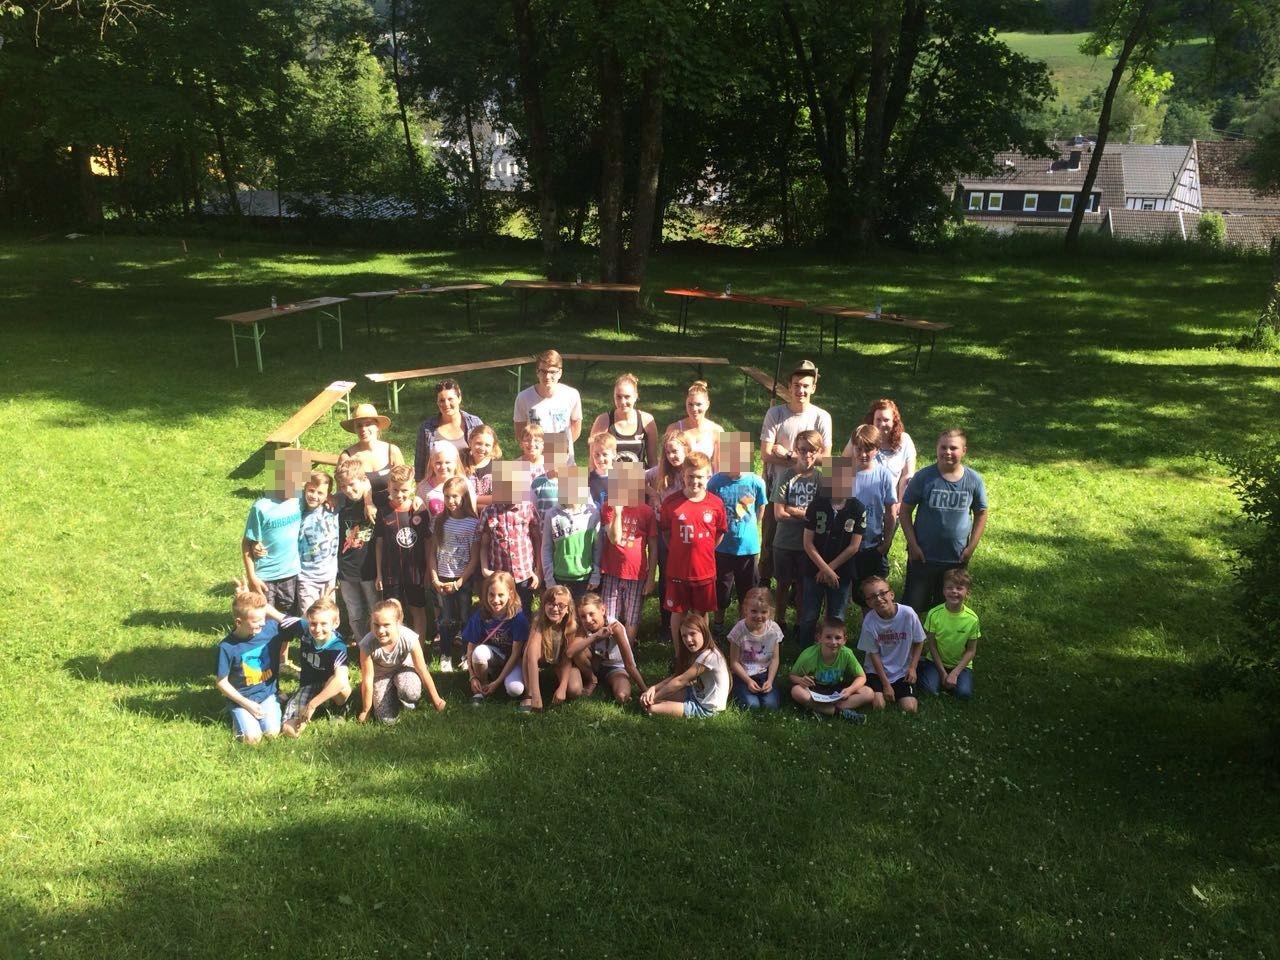 Bei strahlendem Sonnenschein feierten über 30 Kinder mit uns das Sommerfest